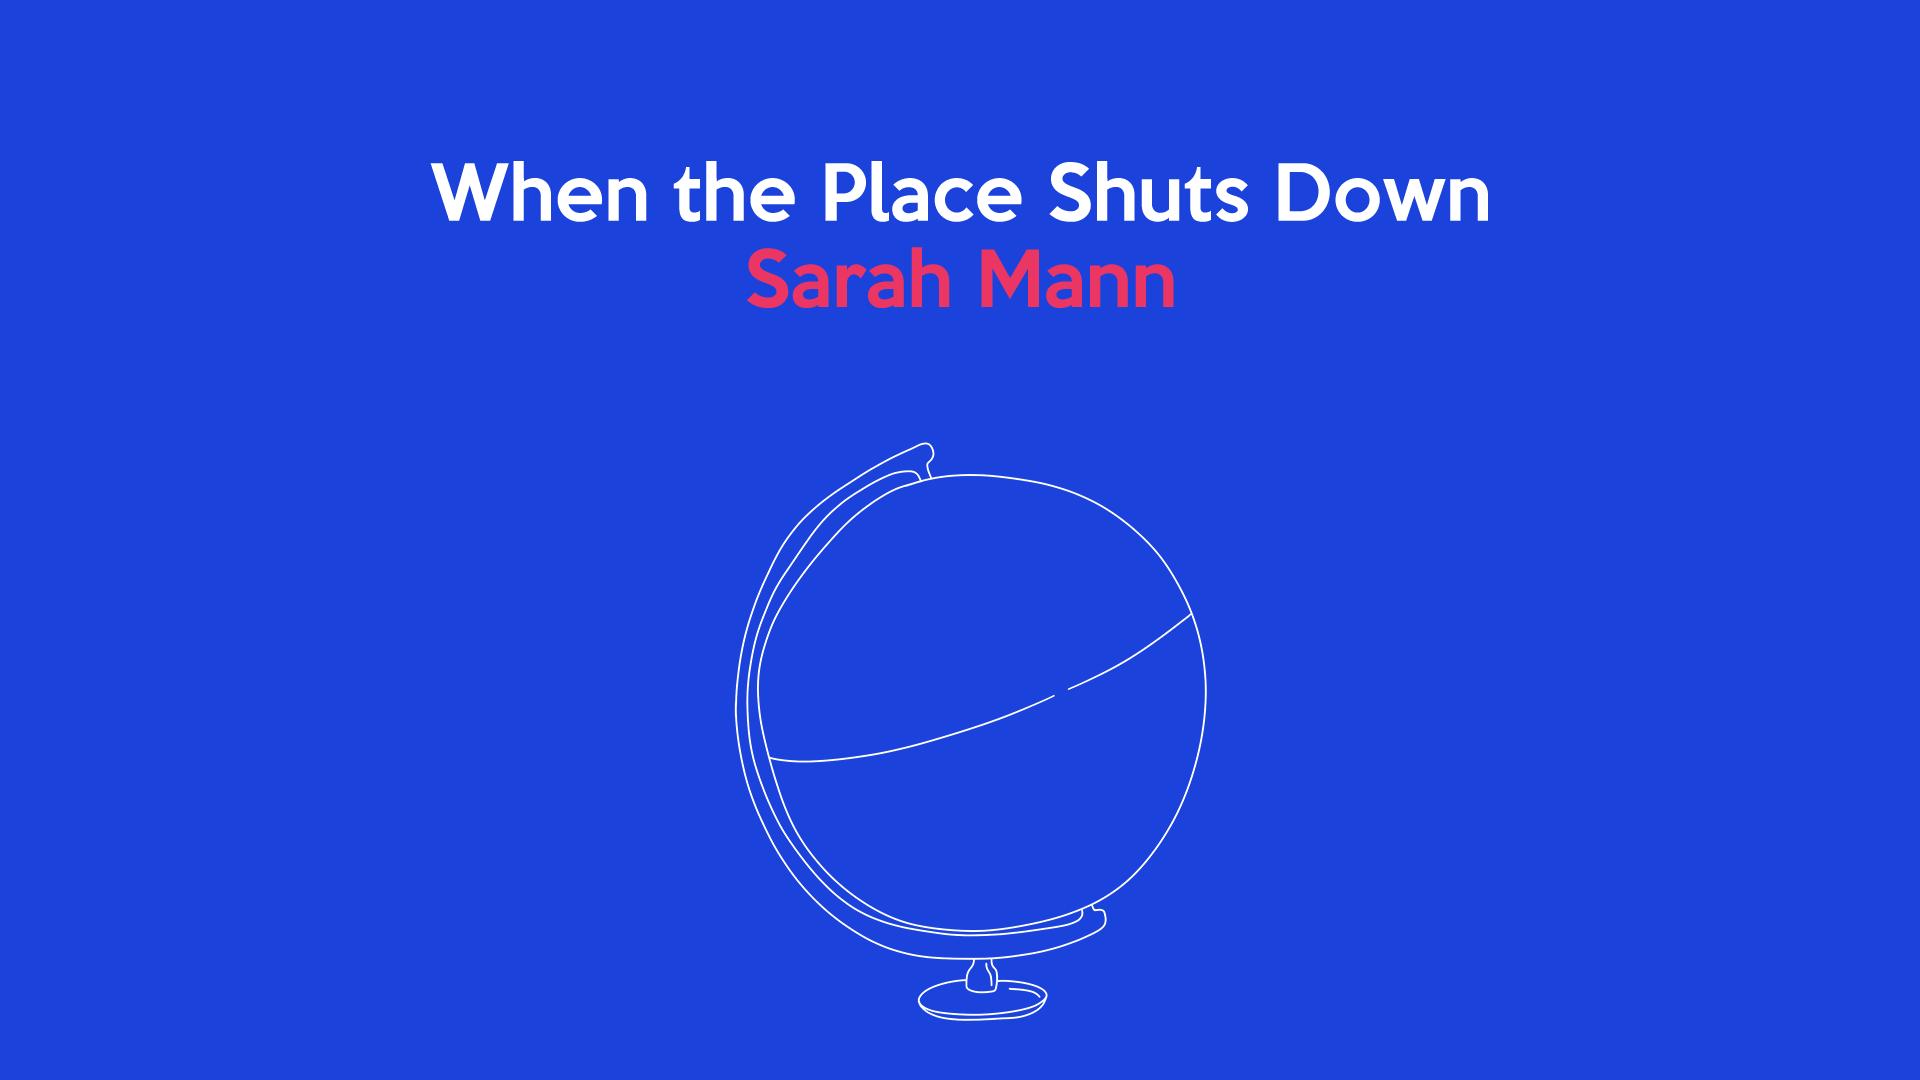 When the Place Shuts Down: Sarah Mann